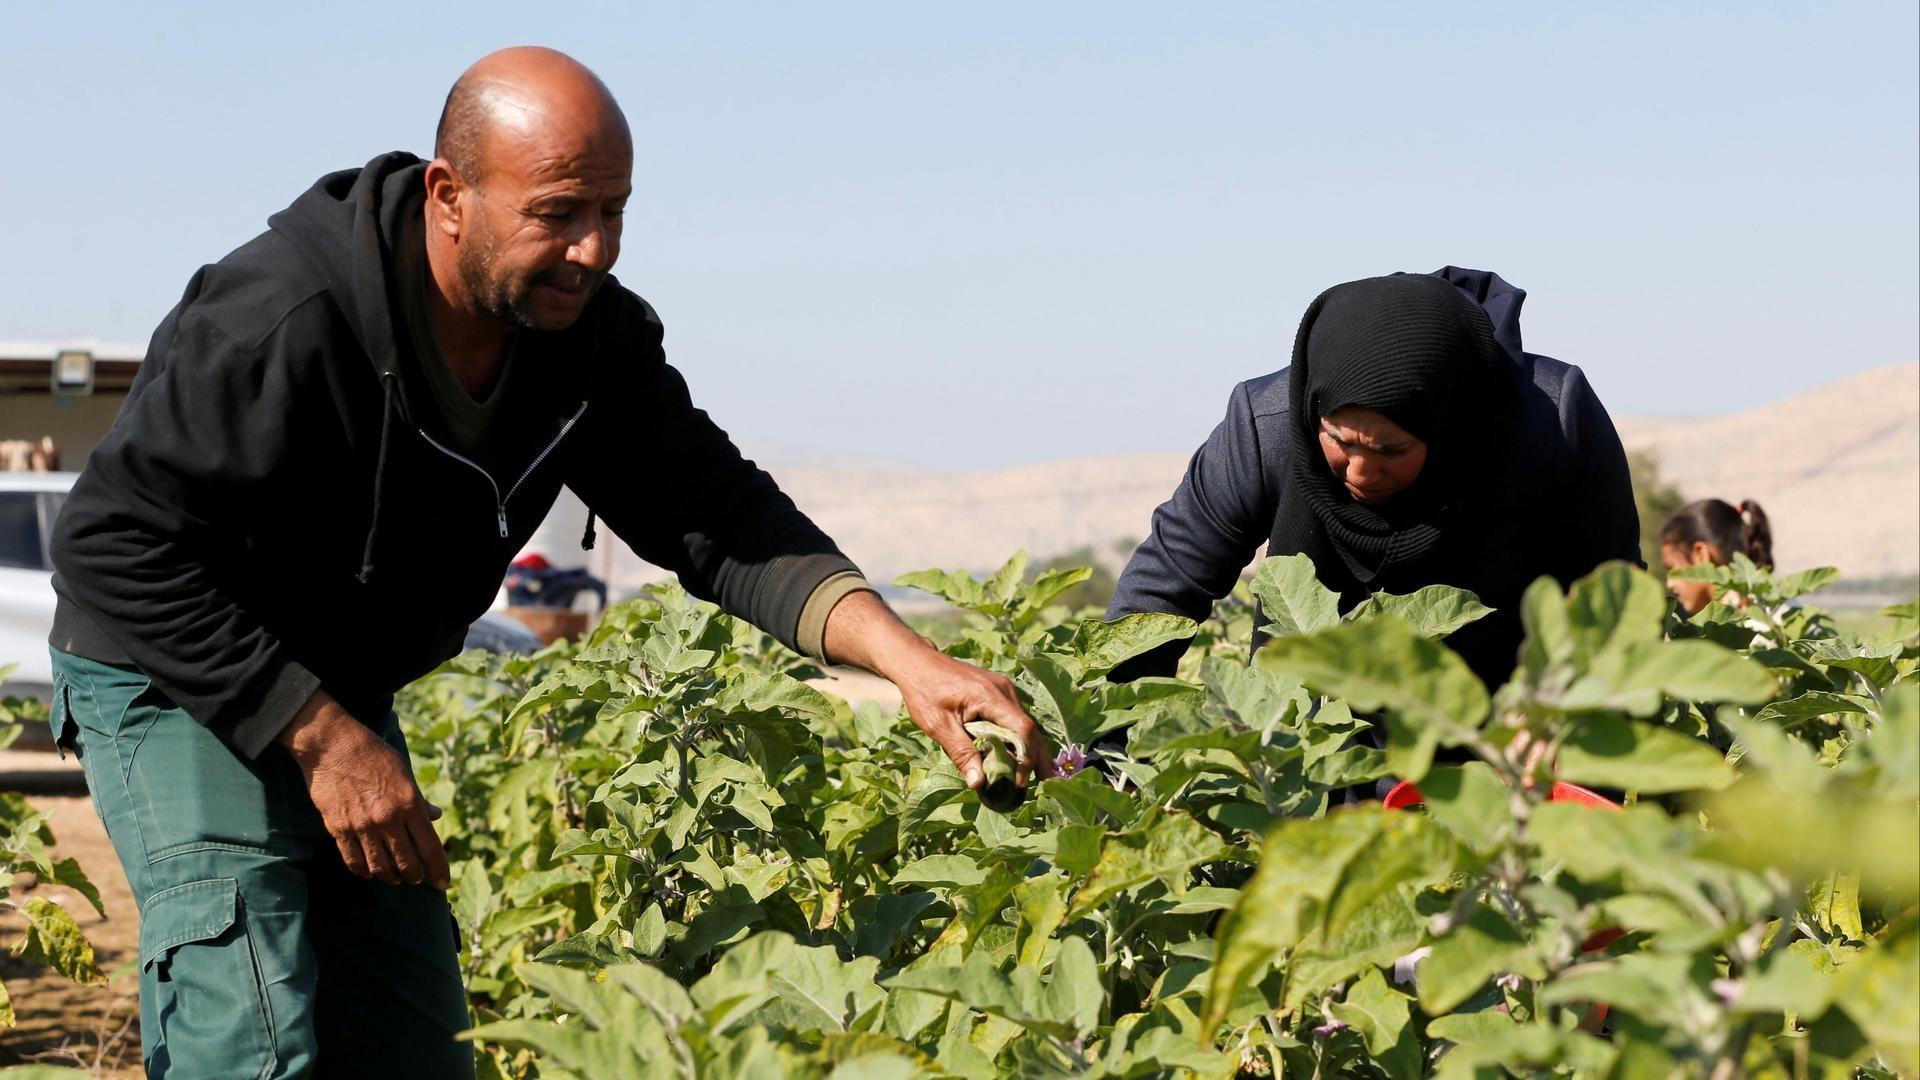 Agricultores palestinos recogen berenjenas en la aldea de Al-Jiftlik